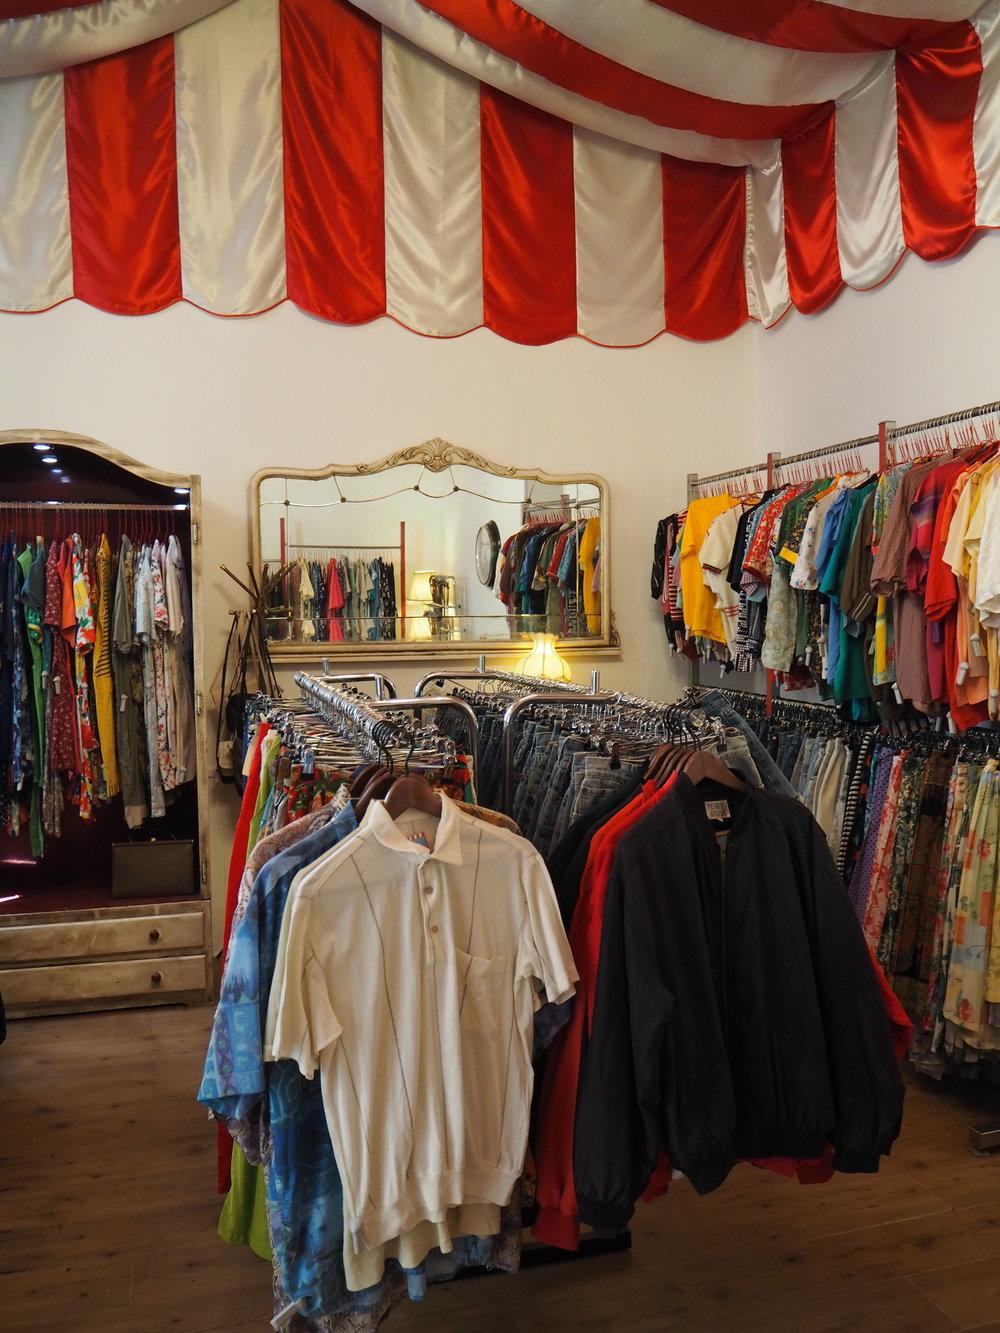 tiendas-ropa-madrid-originales-mona-checa-hombre.JPG